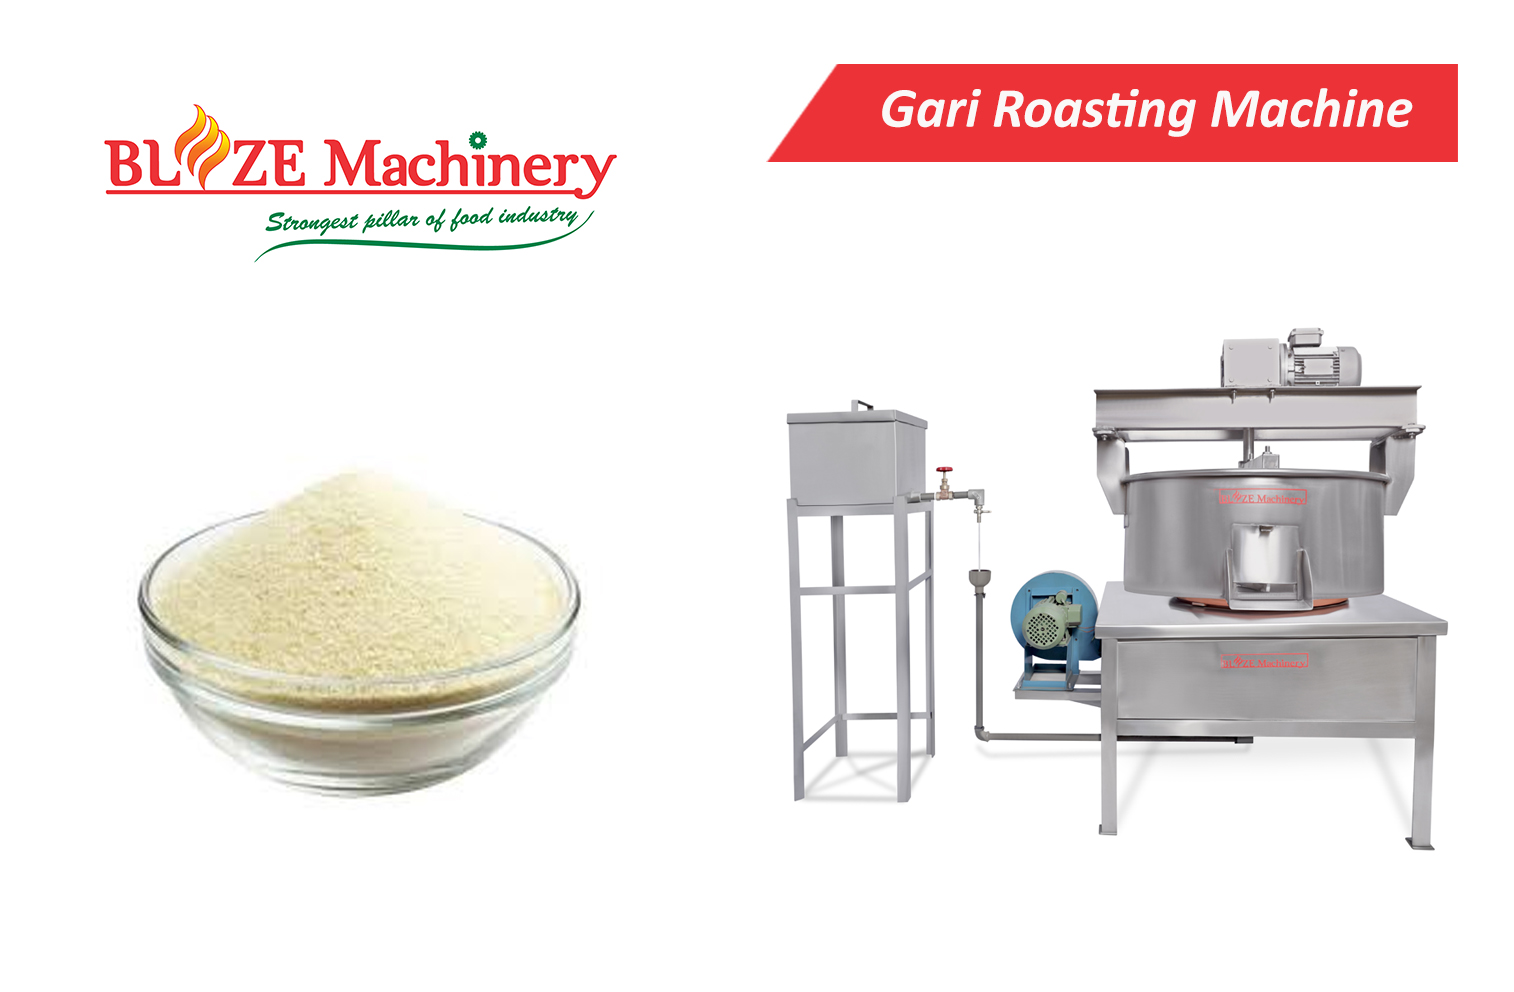 Gari Roasting Machine